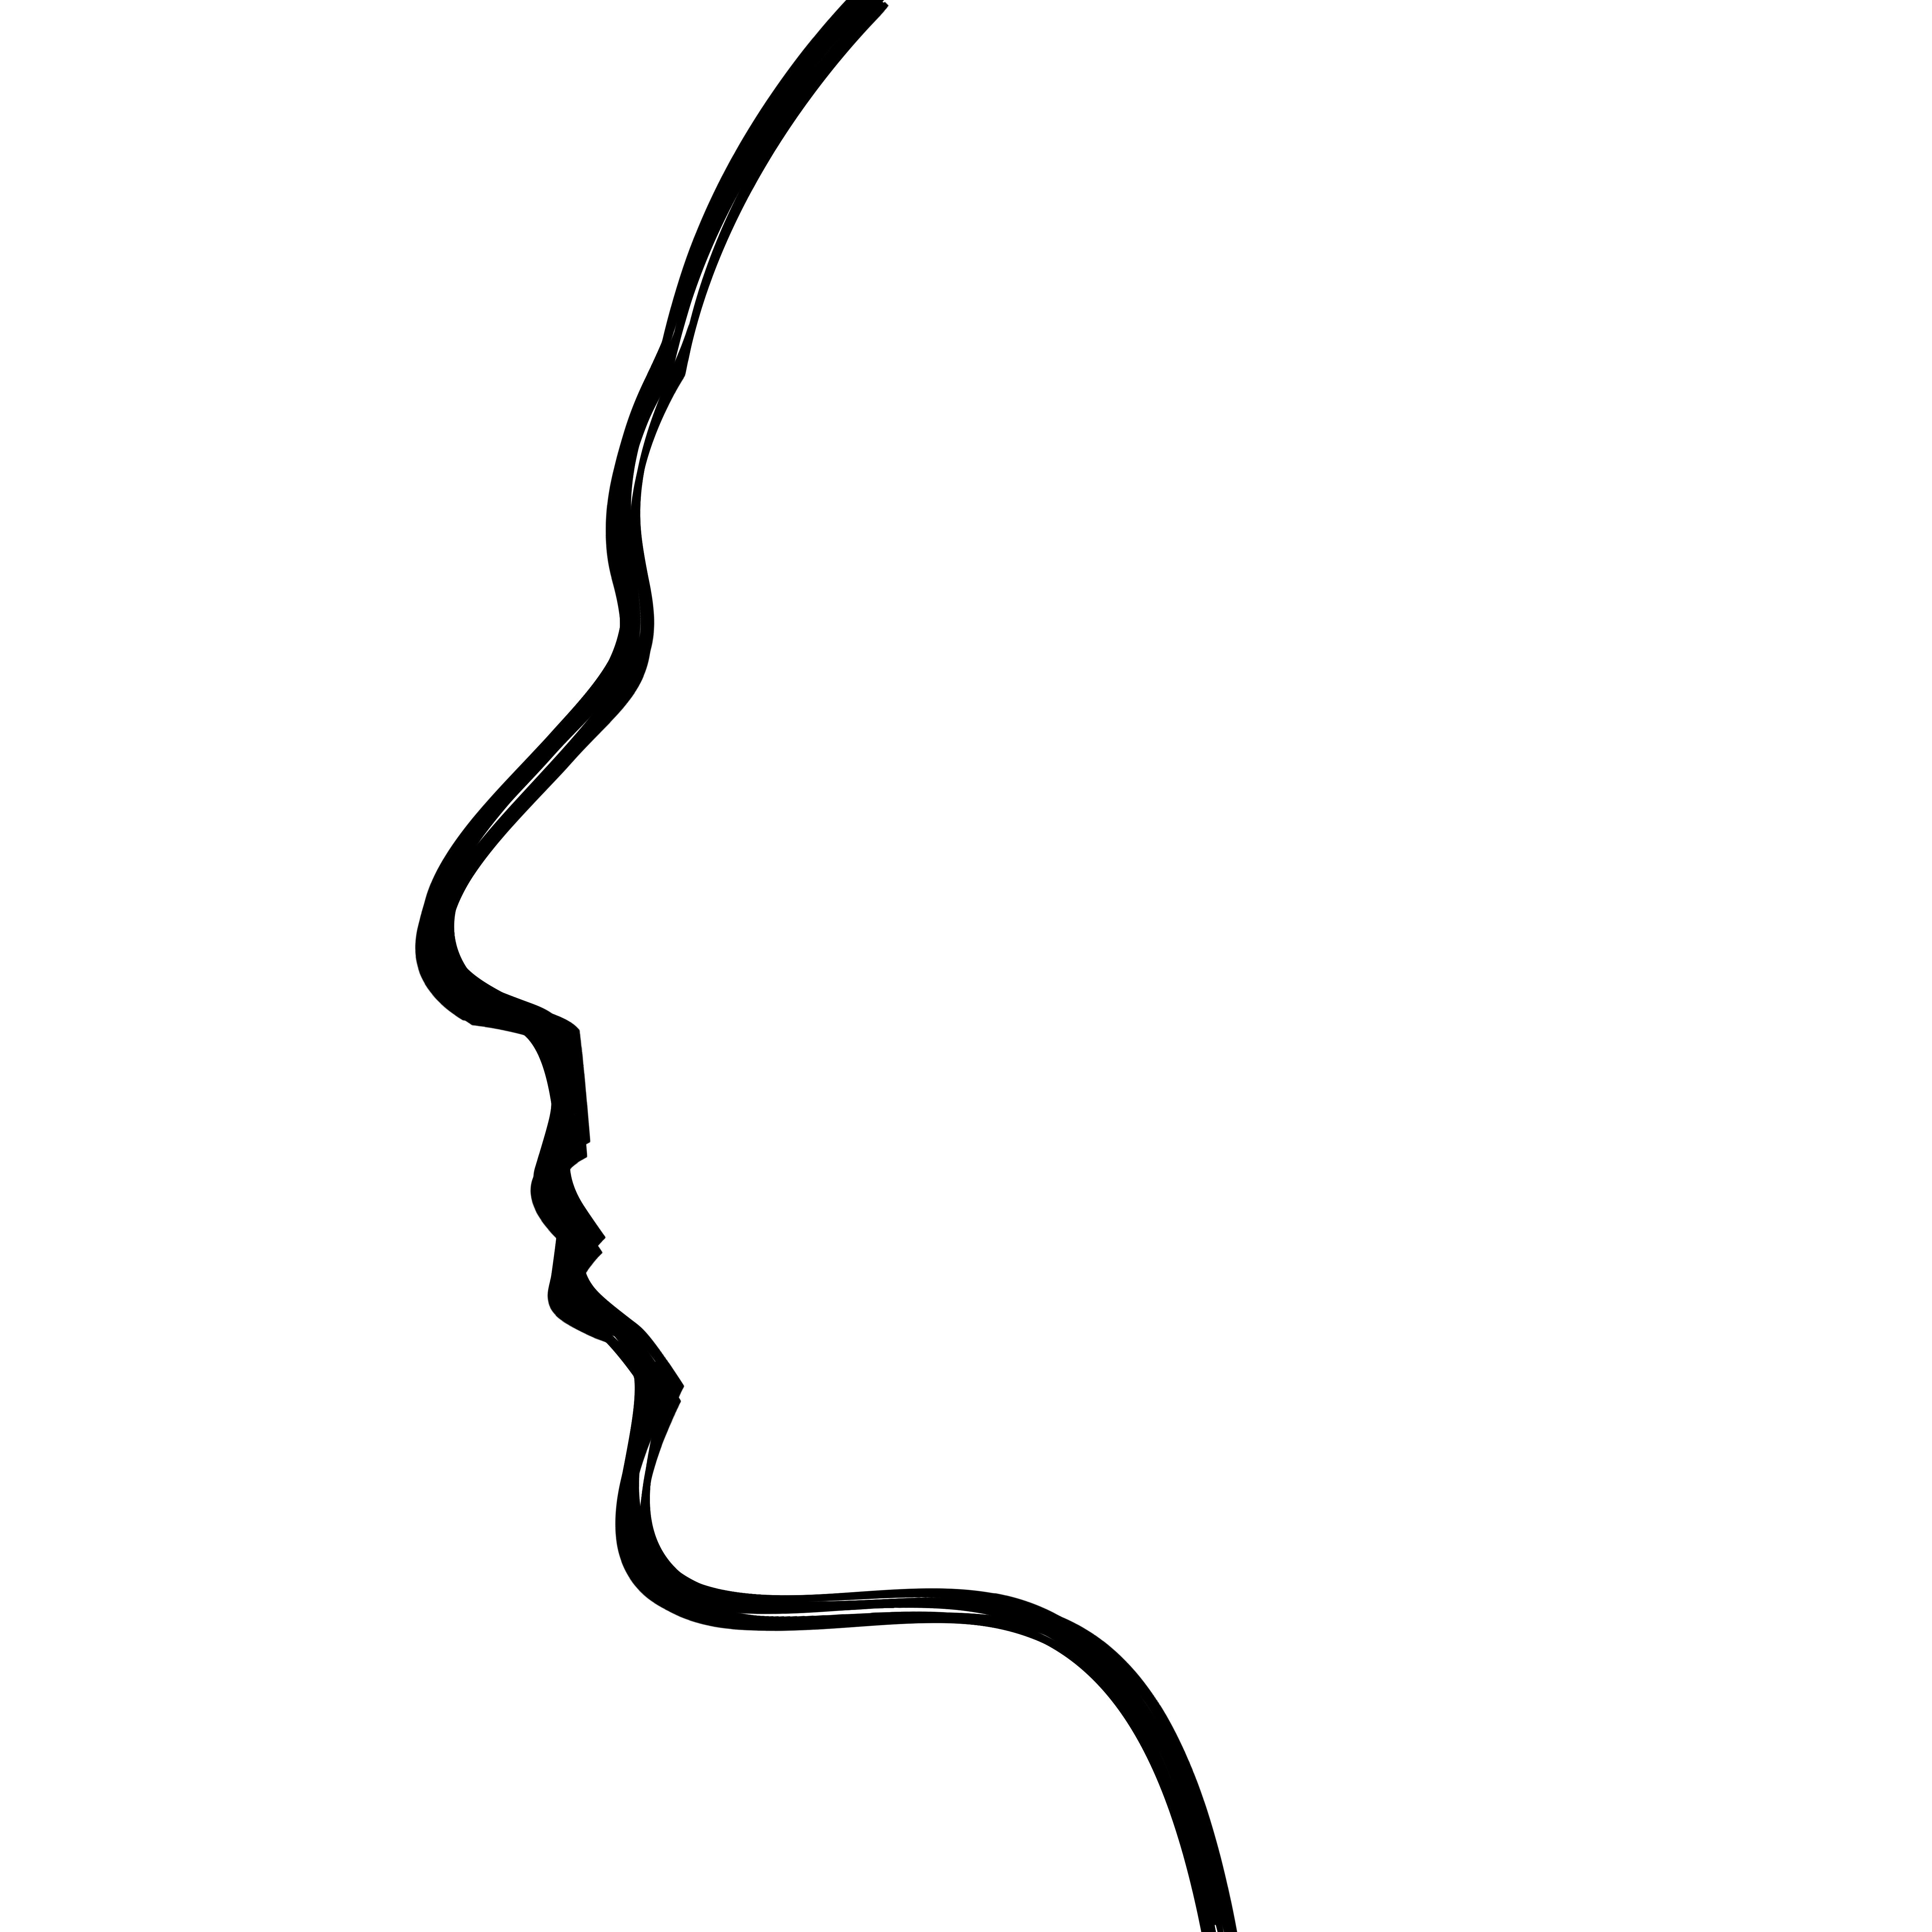 images gratuites branche pens e ligne corps humain visage peur dessin psychologie t te. Black Bedroom Furniture Sets. Home Design Ideas